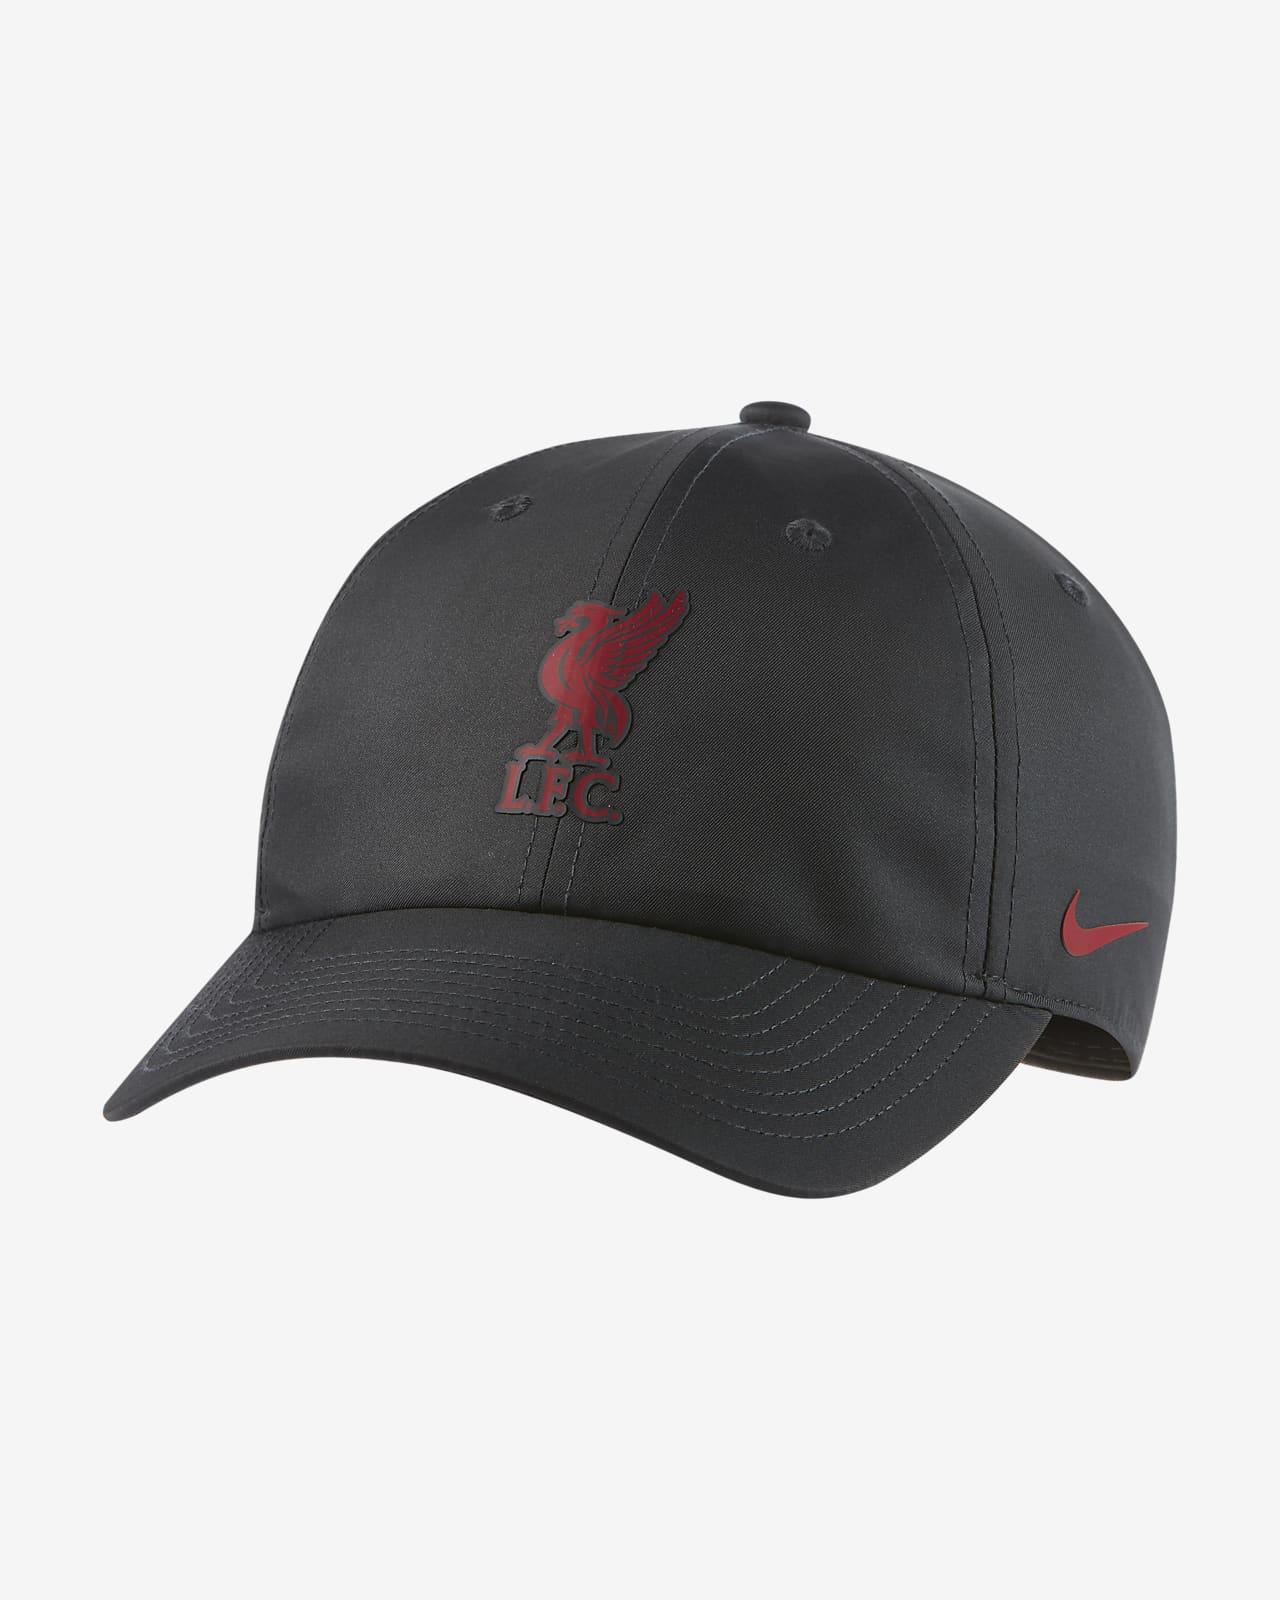 Liverpool F.C. Heritage86 Adjustable Hat